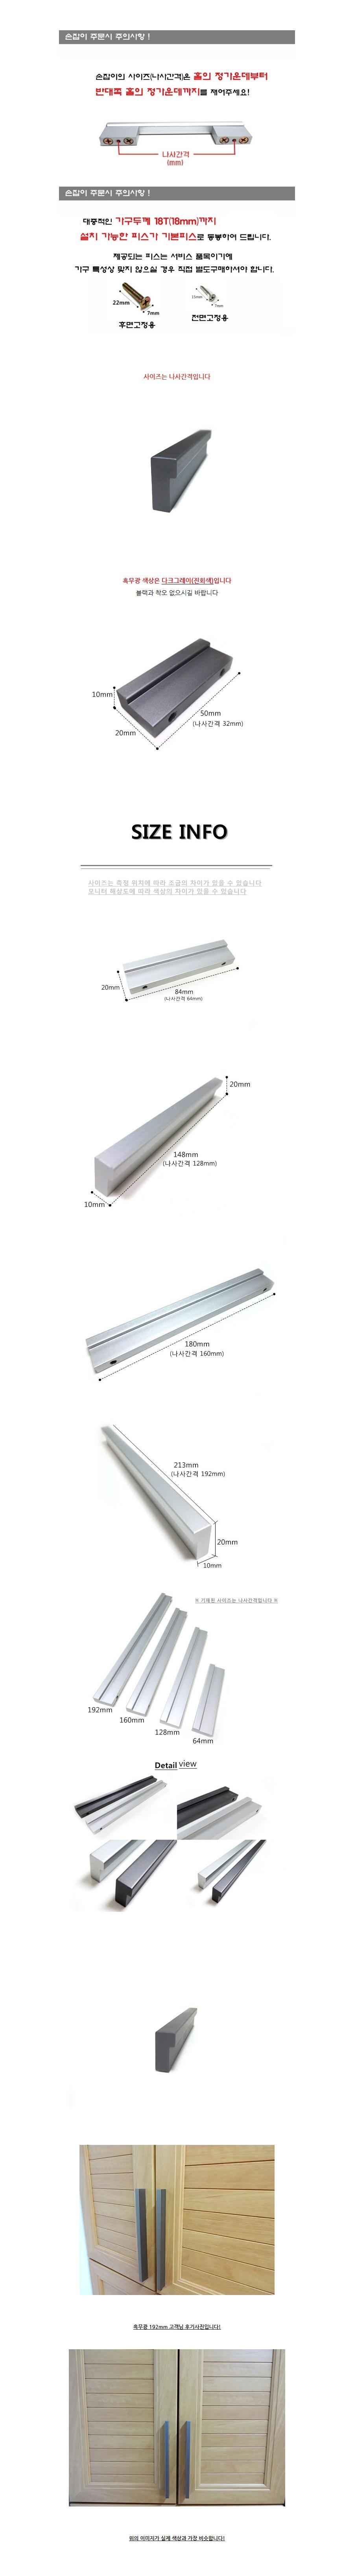 랭글러(신) 가구 서랍 싱크대 손잡이 (실버 32mm) - 썸몰, 1,800원, DIY 재료, 부자재